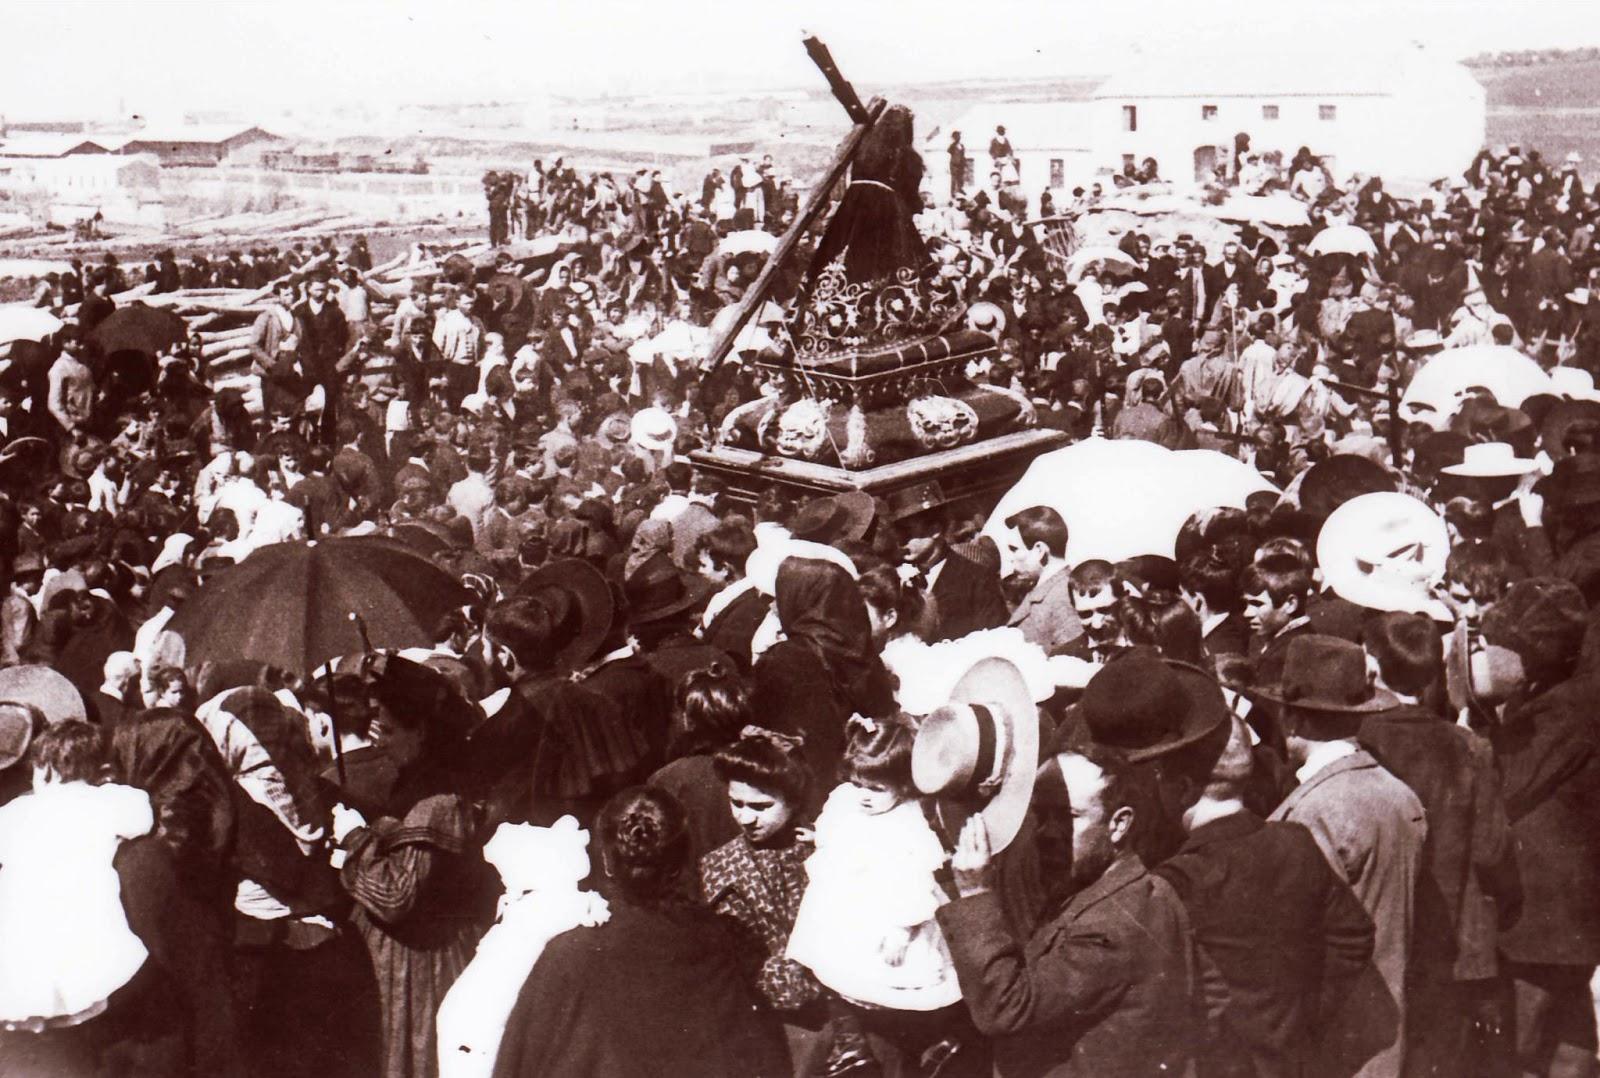 Bendición del Nazareno en el Ejido de San Sebastián (1912)